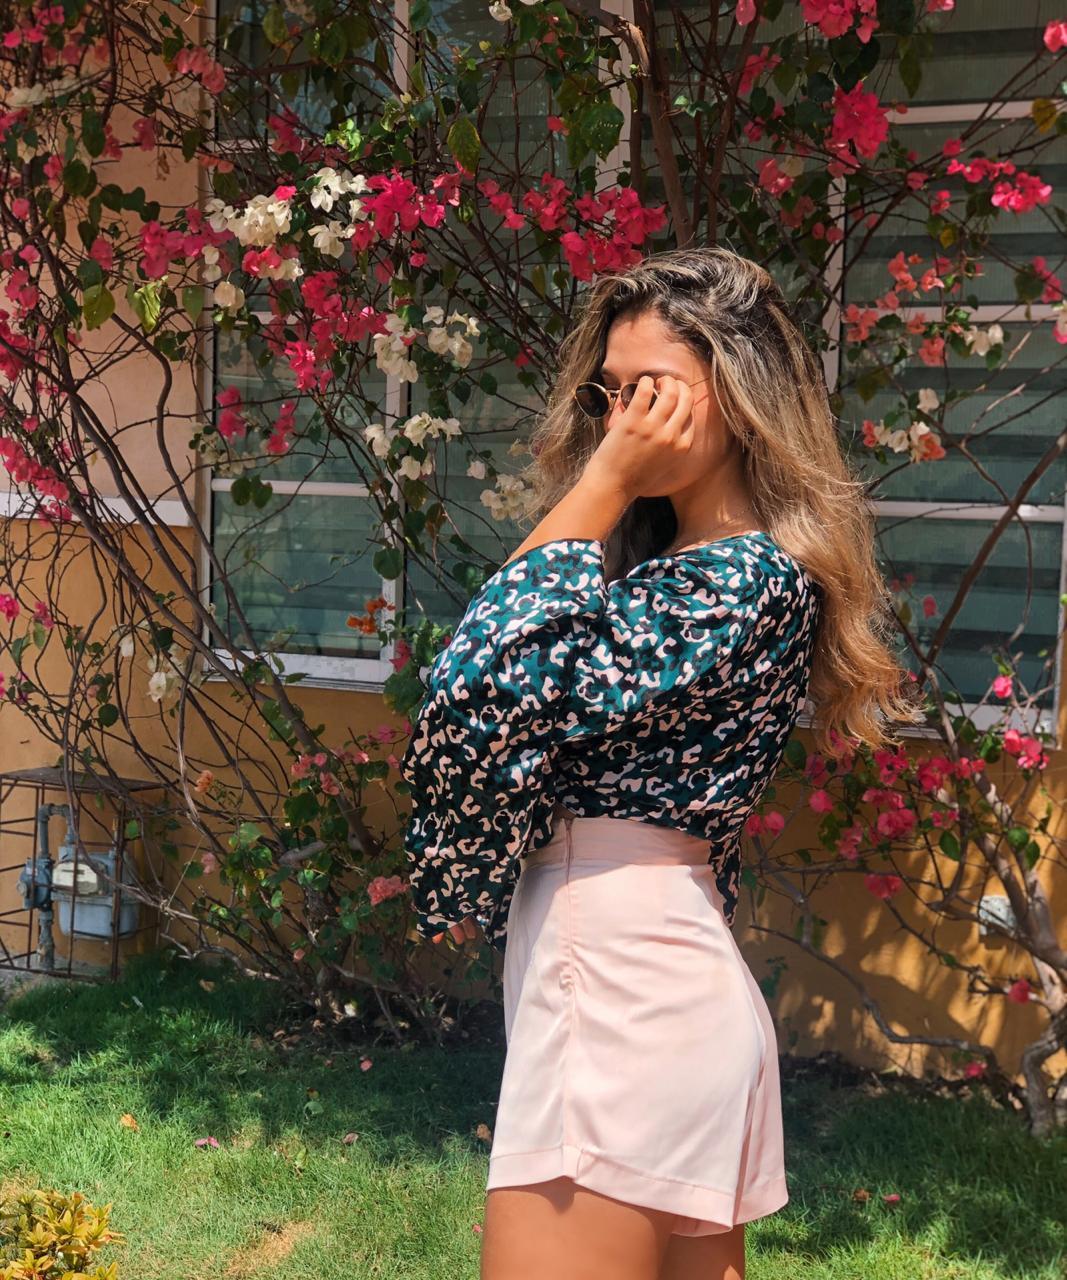 blusa-rachelle-estampada-en-animal-print-con-lazo-y-mangas-largas